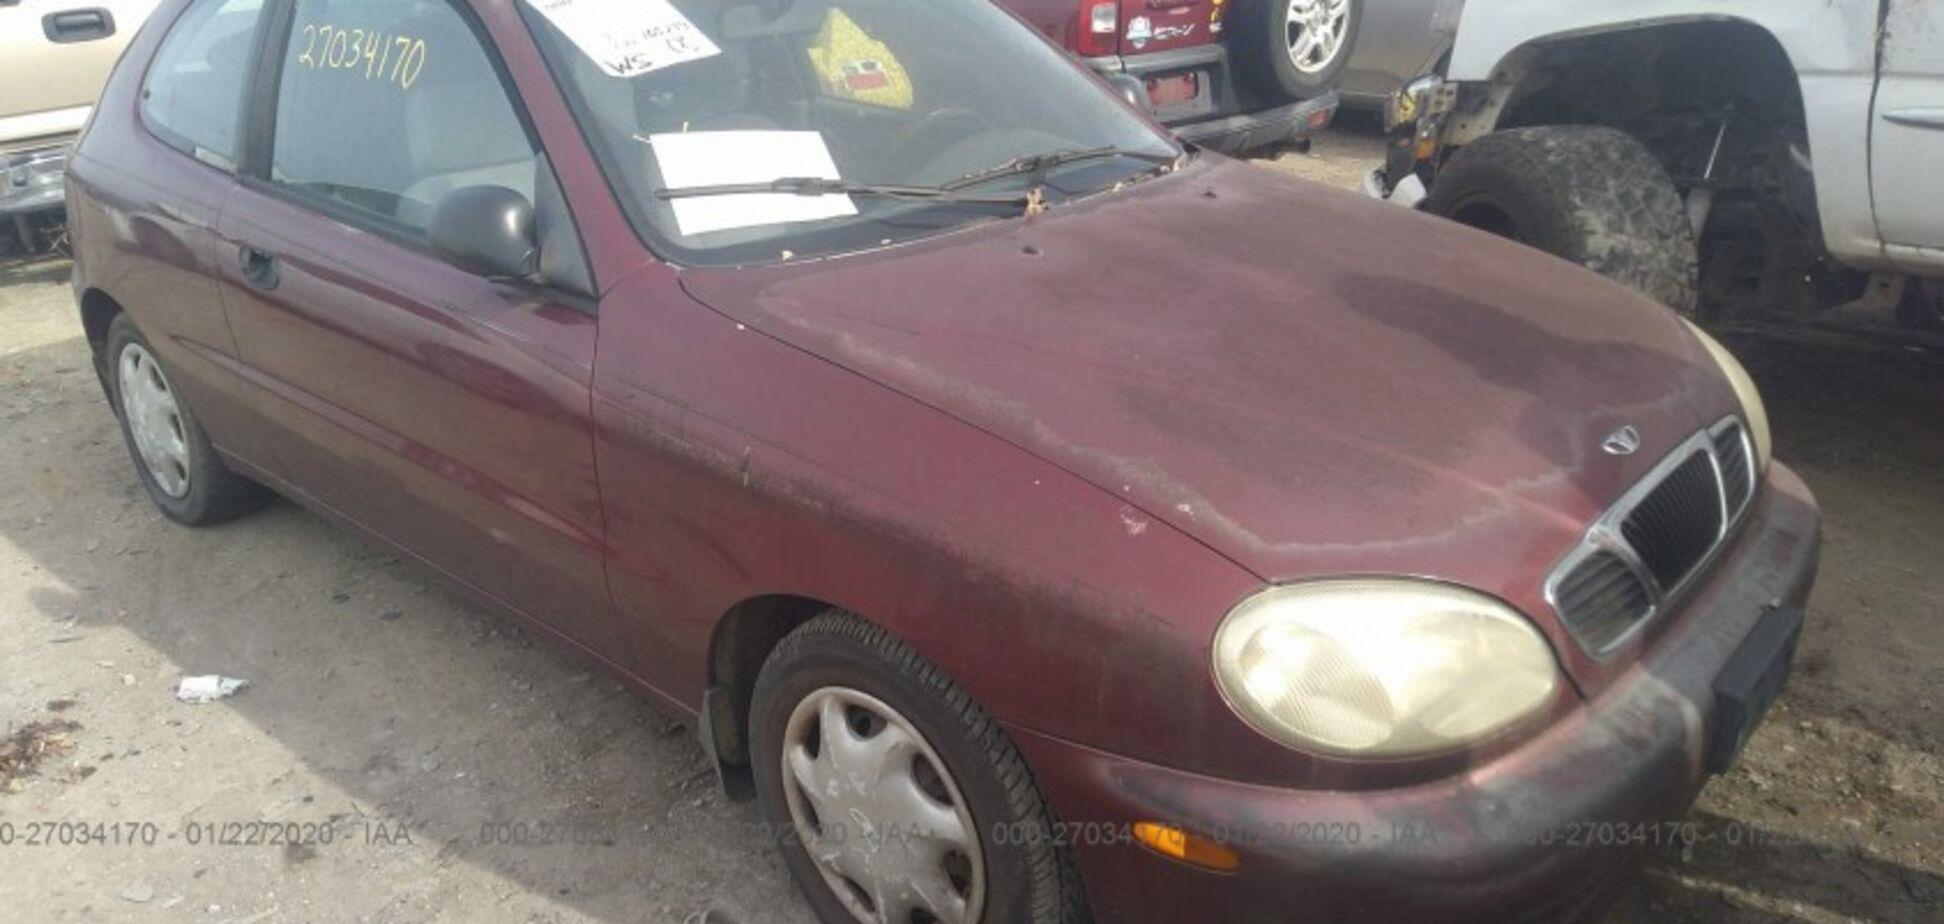 Daewoo Lanos за $ 350: 'живе' авто, але купувати немає сенсу